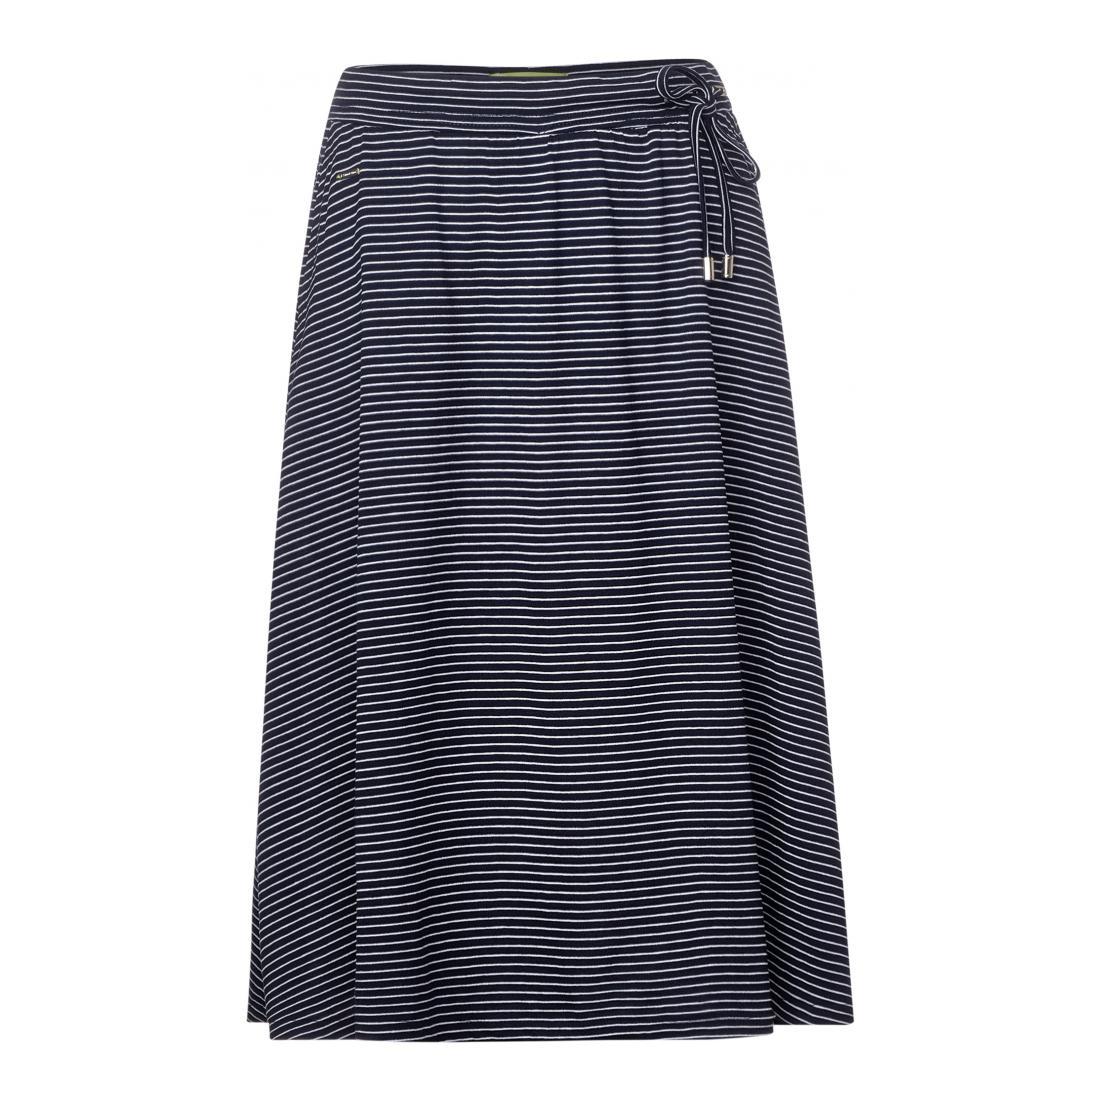 Street One Röcke normal Damen LTD QR Jersey Jog skirt s